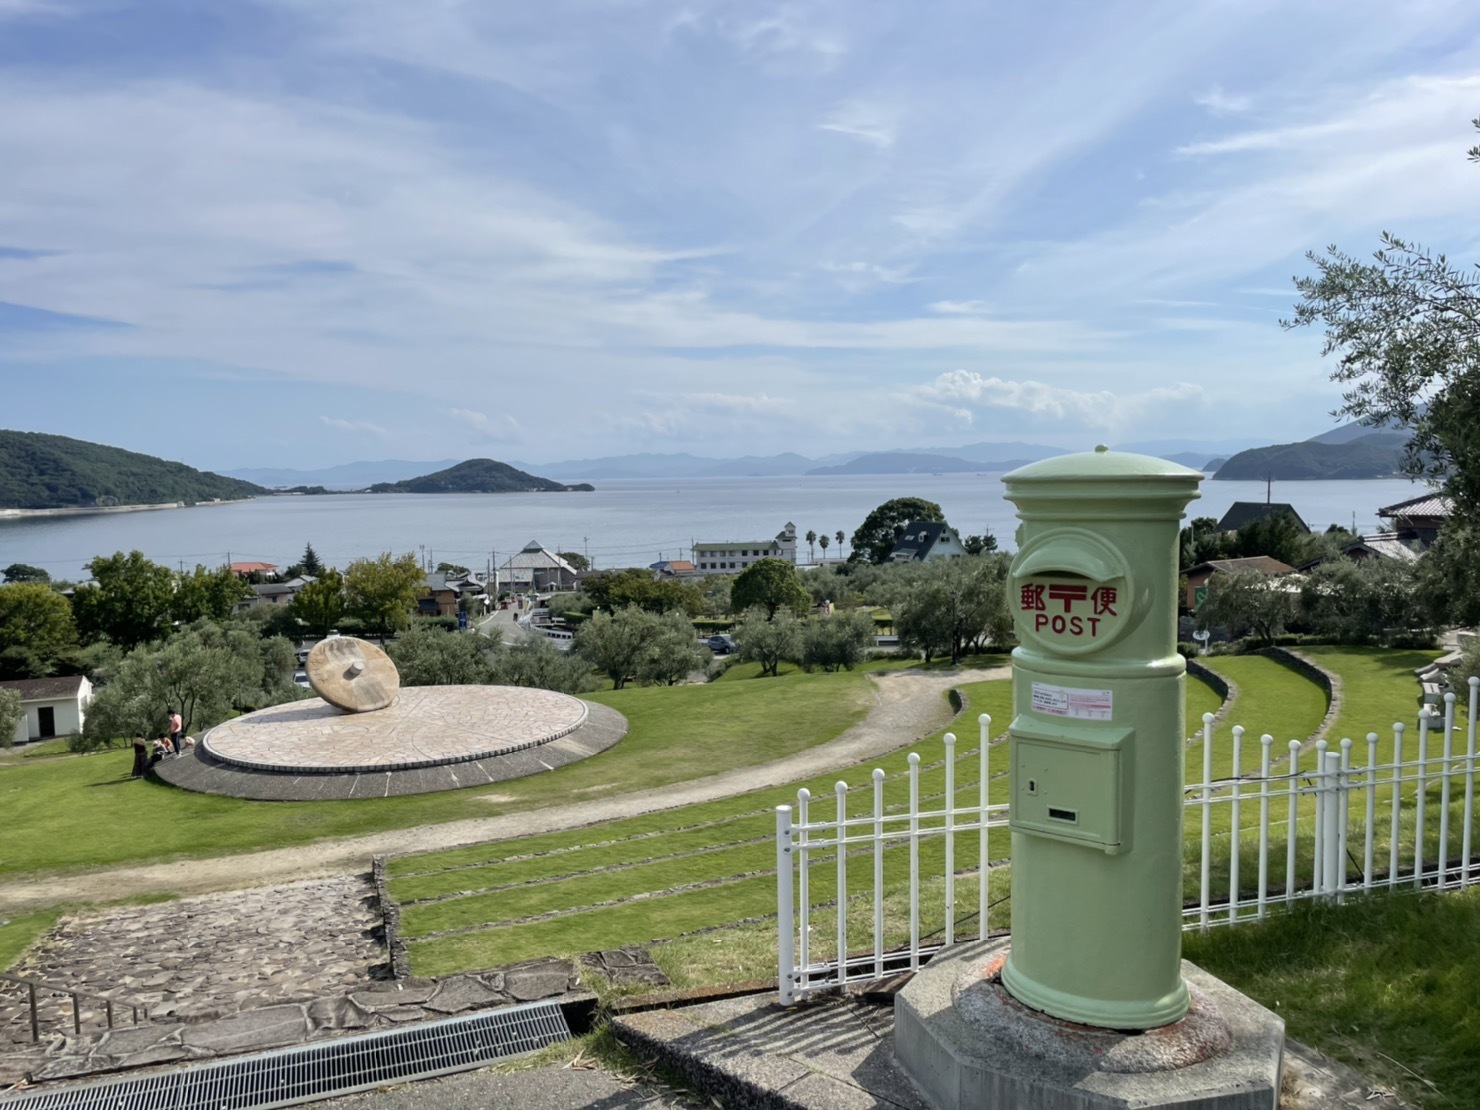 とっておきワンピースでフォトジェニックな小豆島へプチトリップ♬ PART2 オリーブ公園 _1_8